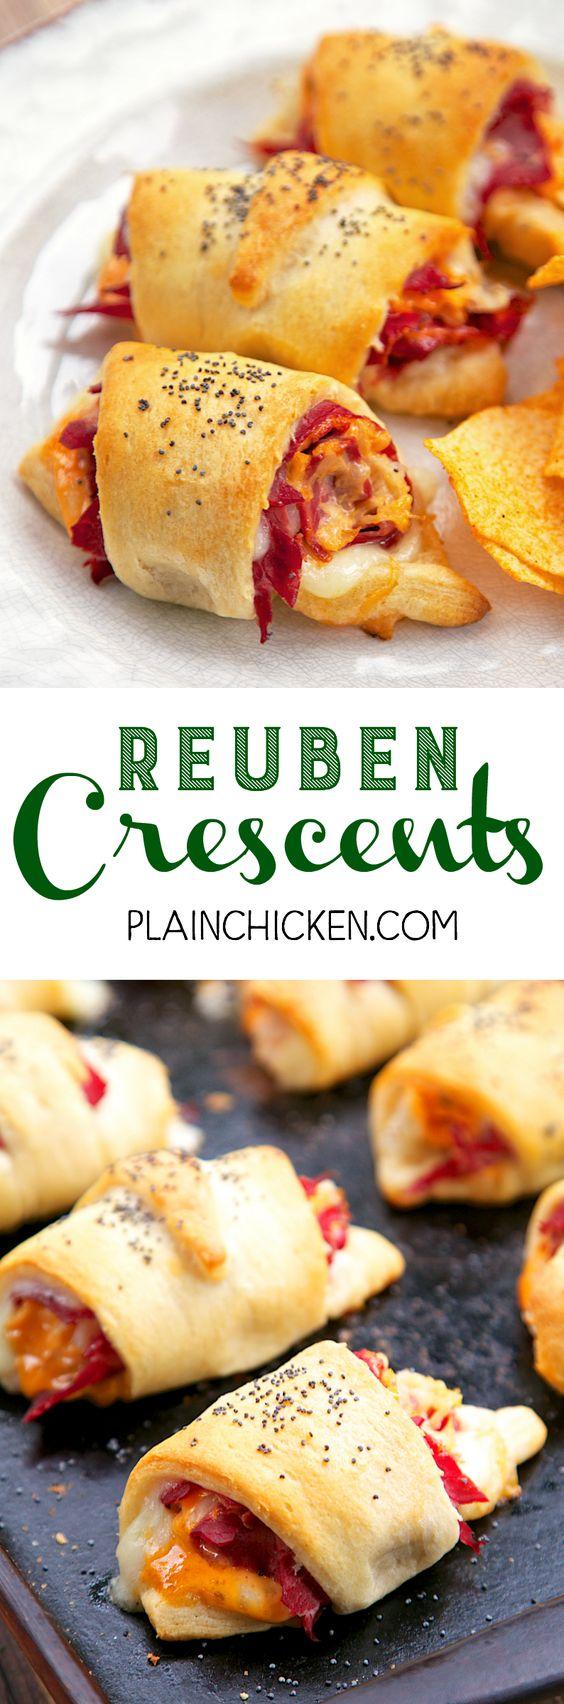 how to cook sauerkraut for a reuben